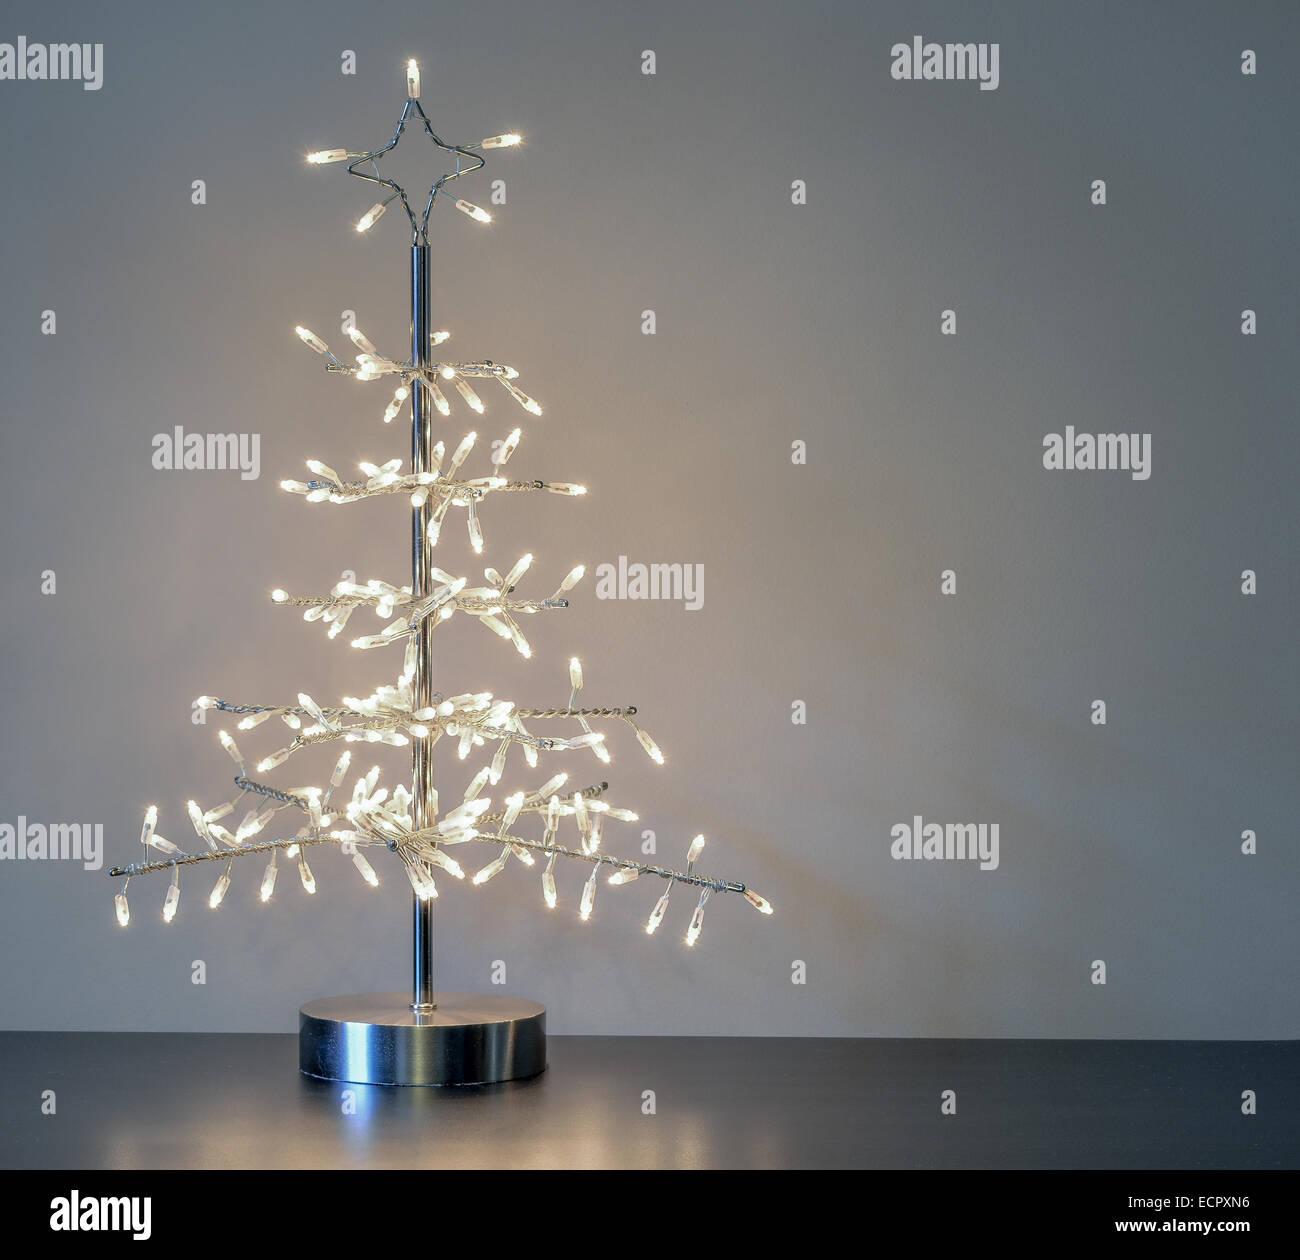 Minimaliste en métal argenté avec ornement d'arbre de Noël feux blanc contre un fond neutre avec Photo Stock